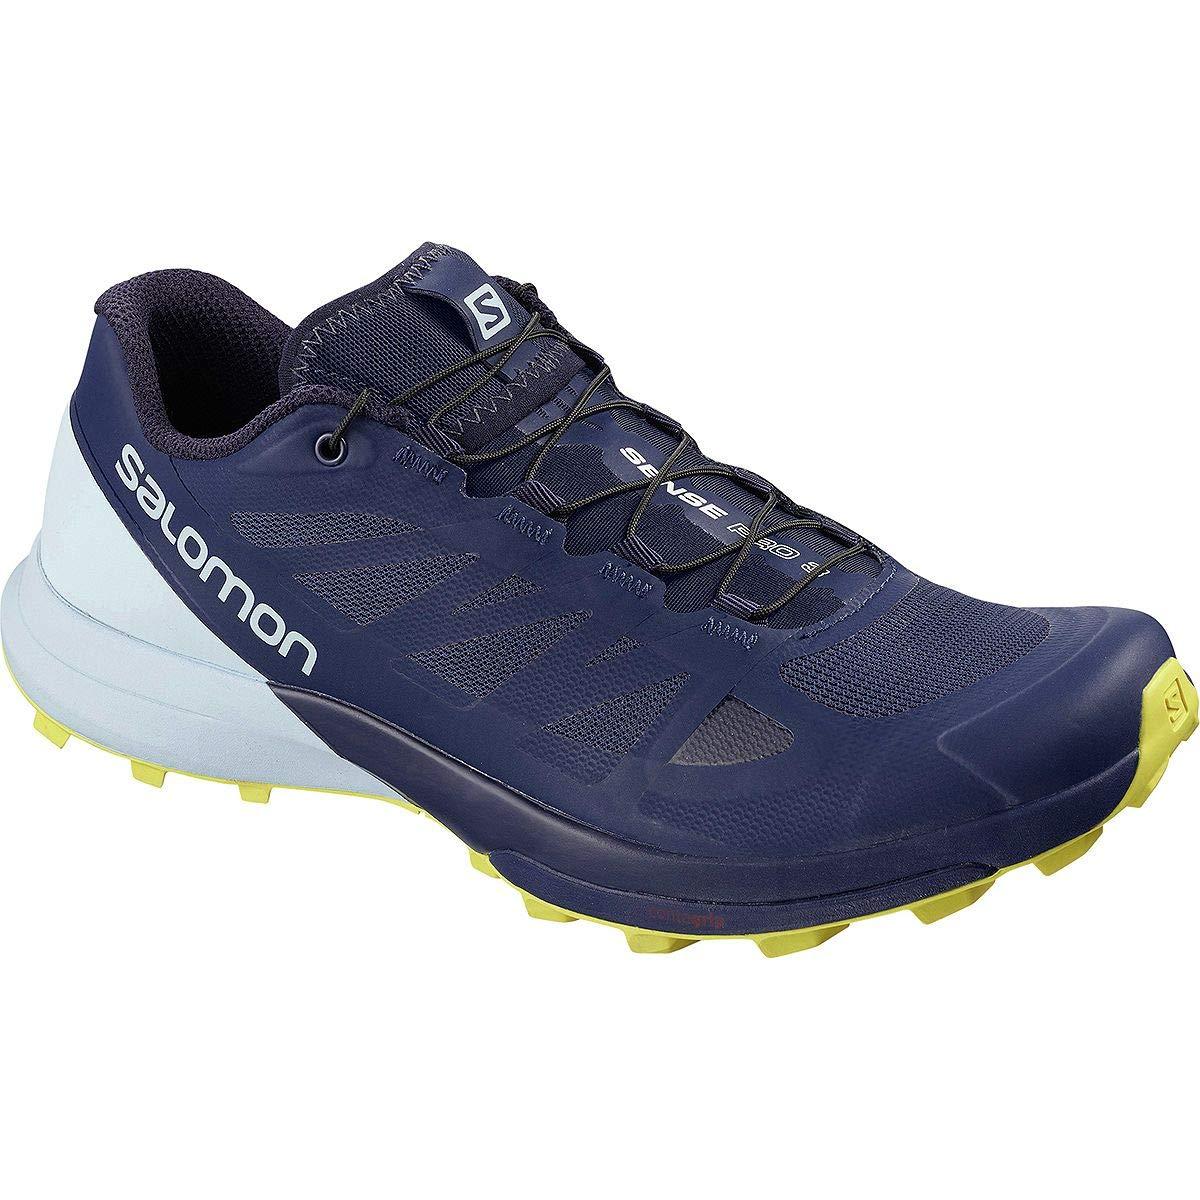 ファッション [サロモン] Pro レディース ランニング Sense Pro 3 Running 3 Shoe Running [並行輸入品] B07P3ZJJ9Z US-8.5/UK-7.0, PrideMan プライドマン:f9a74f88 --- h909215399.nichost.ru